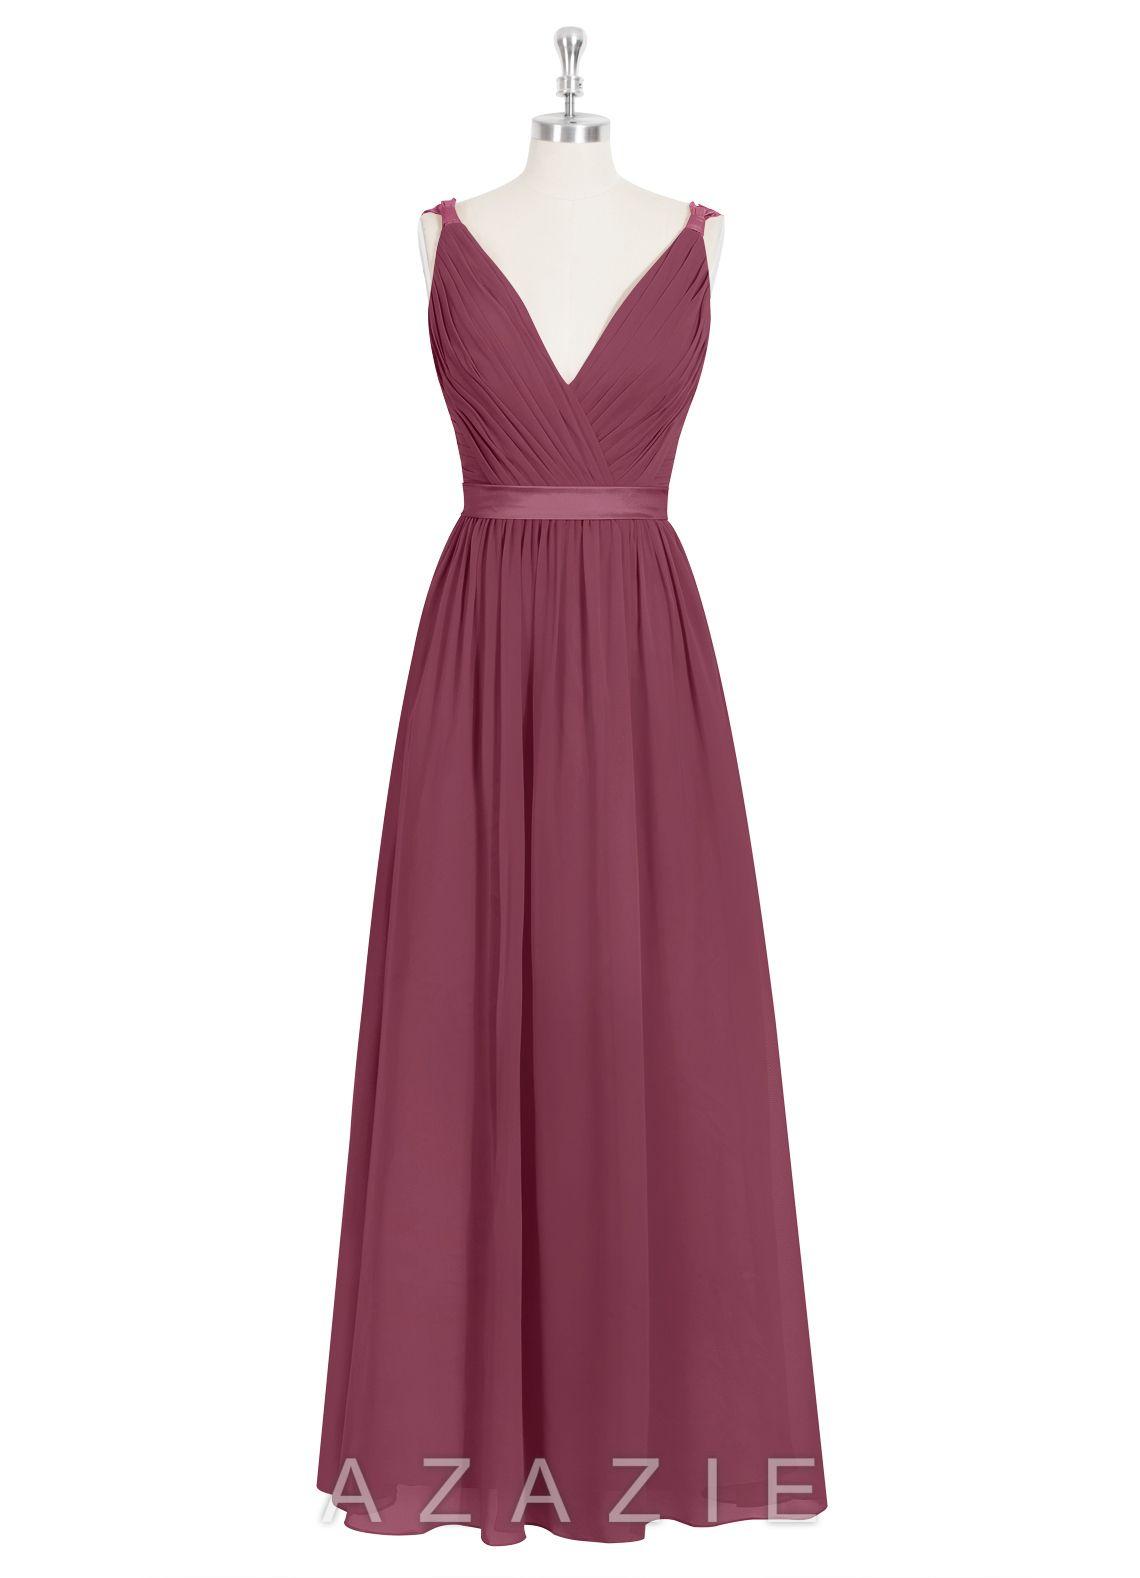 9bdbfc8571d Azazie Leanna Bridesmaid Dress